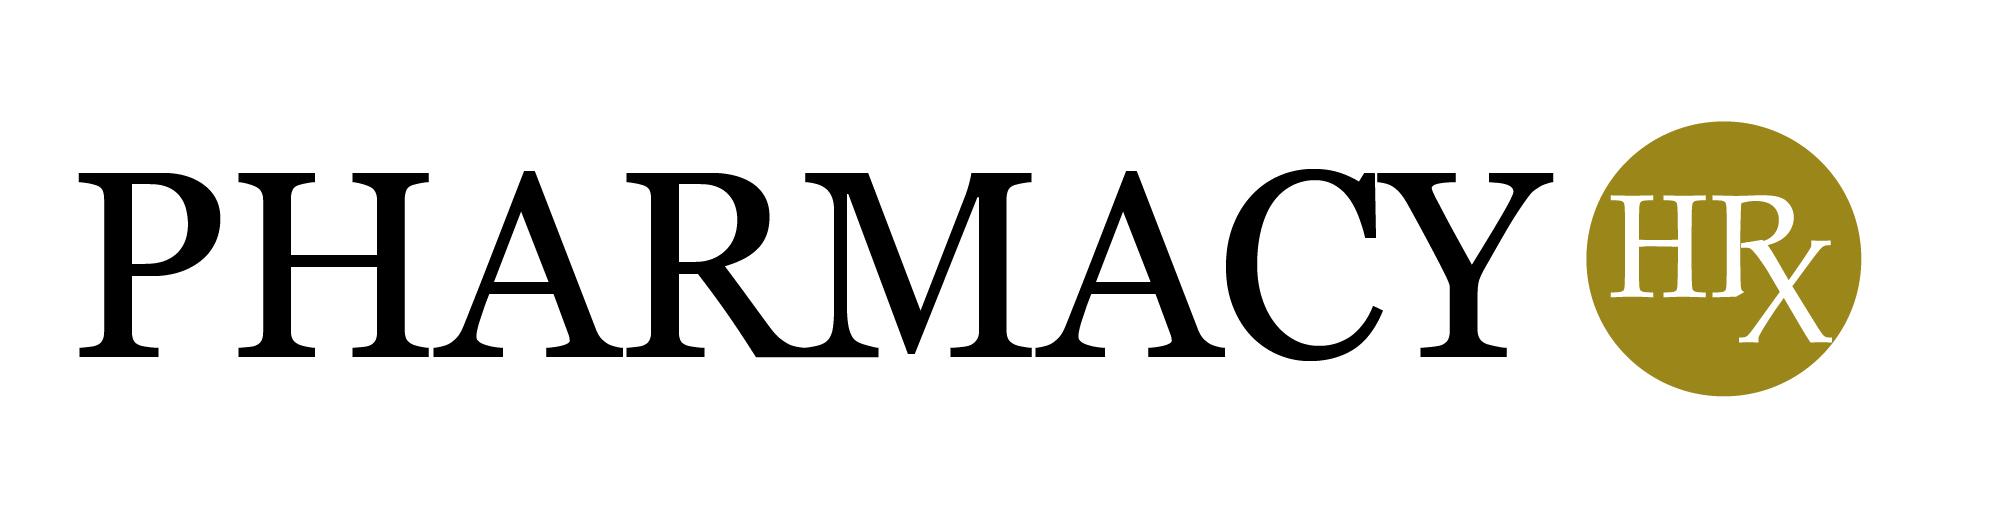 HRxPHARMACY new-01.jpg